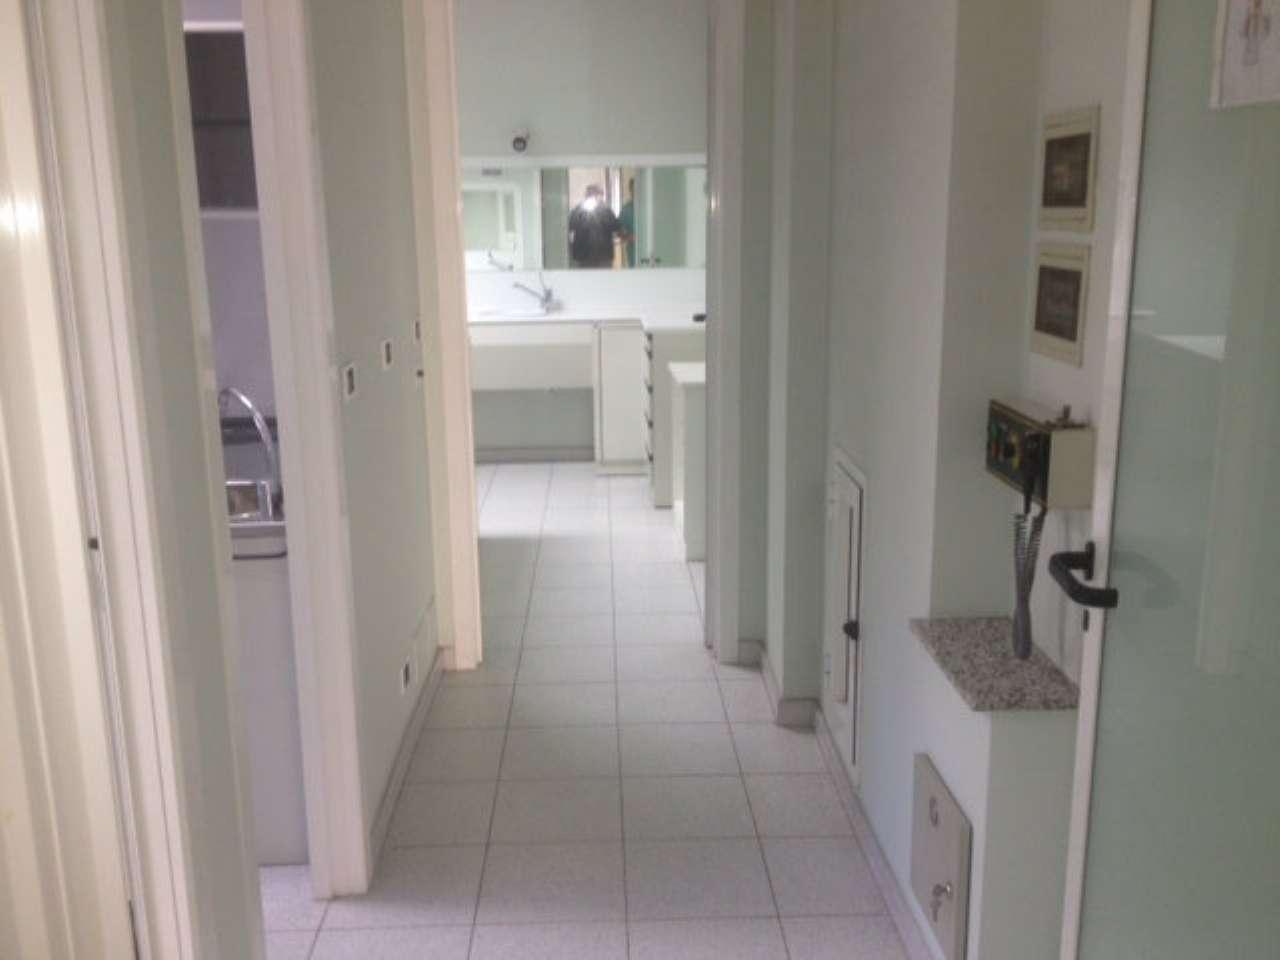 Appartamento uso ufficio/studio in affitto,attualmente studio dentistico con attrezzature.